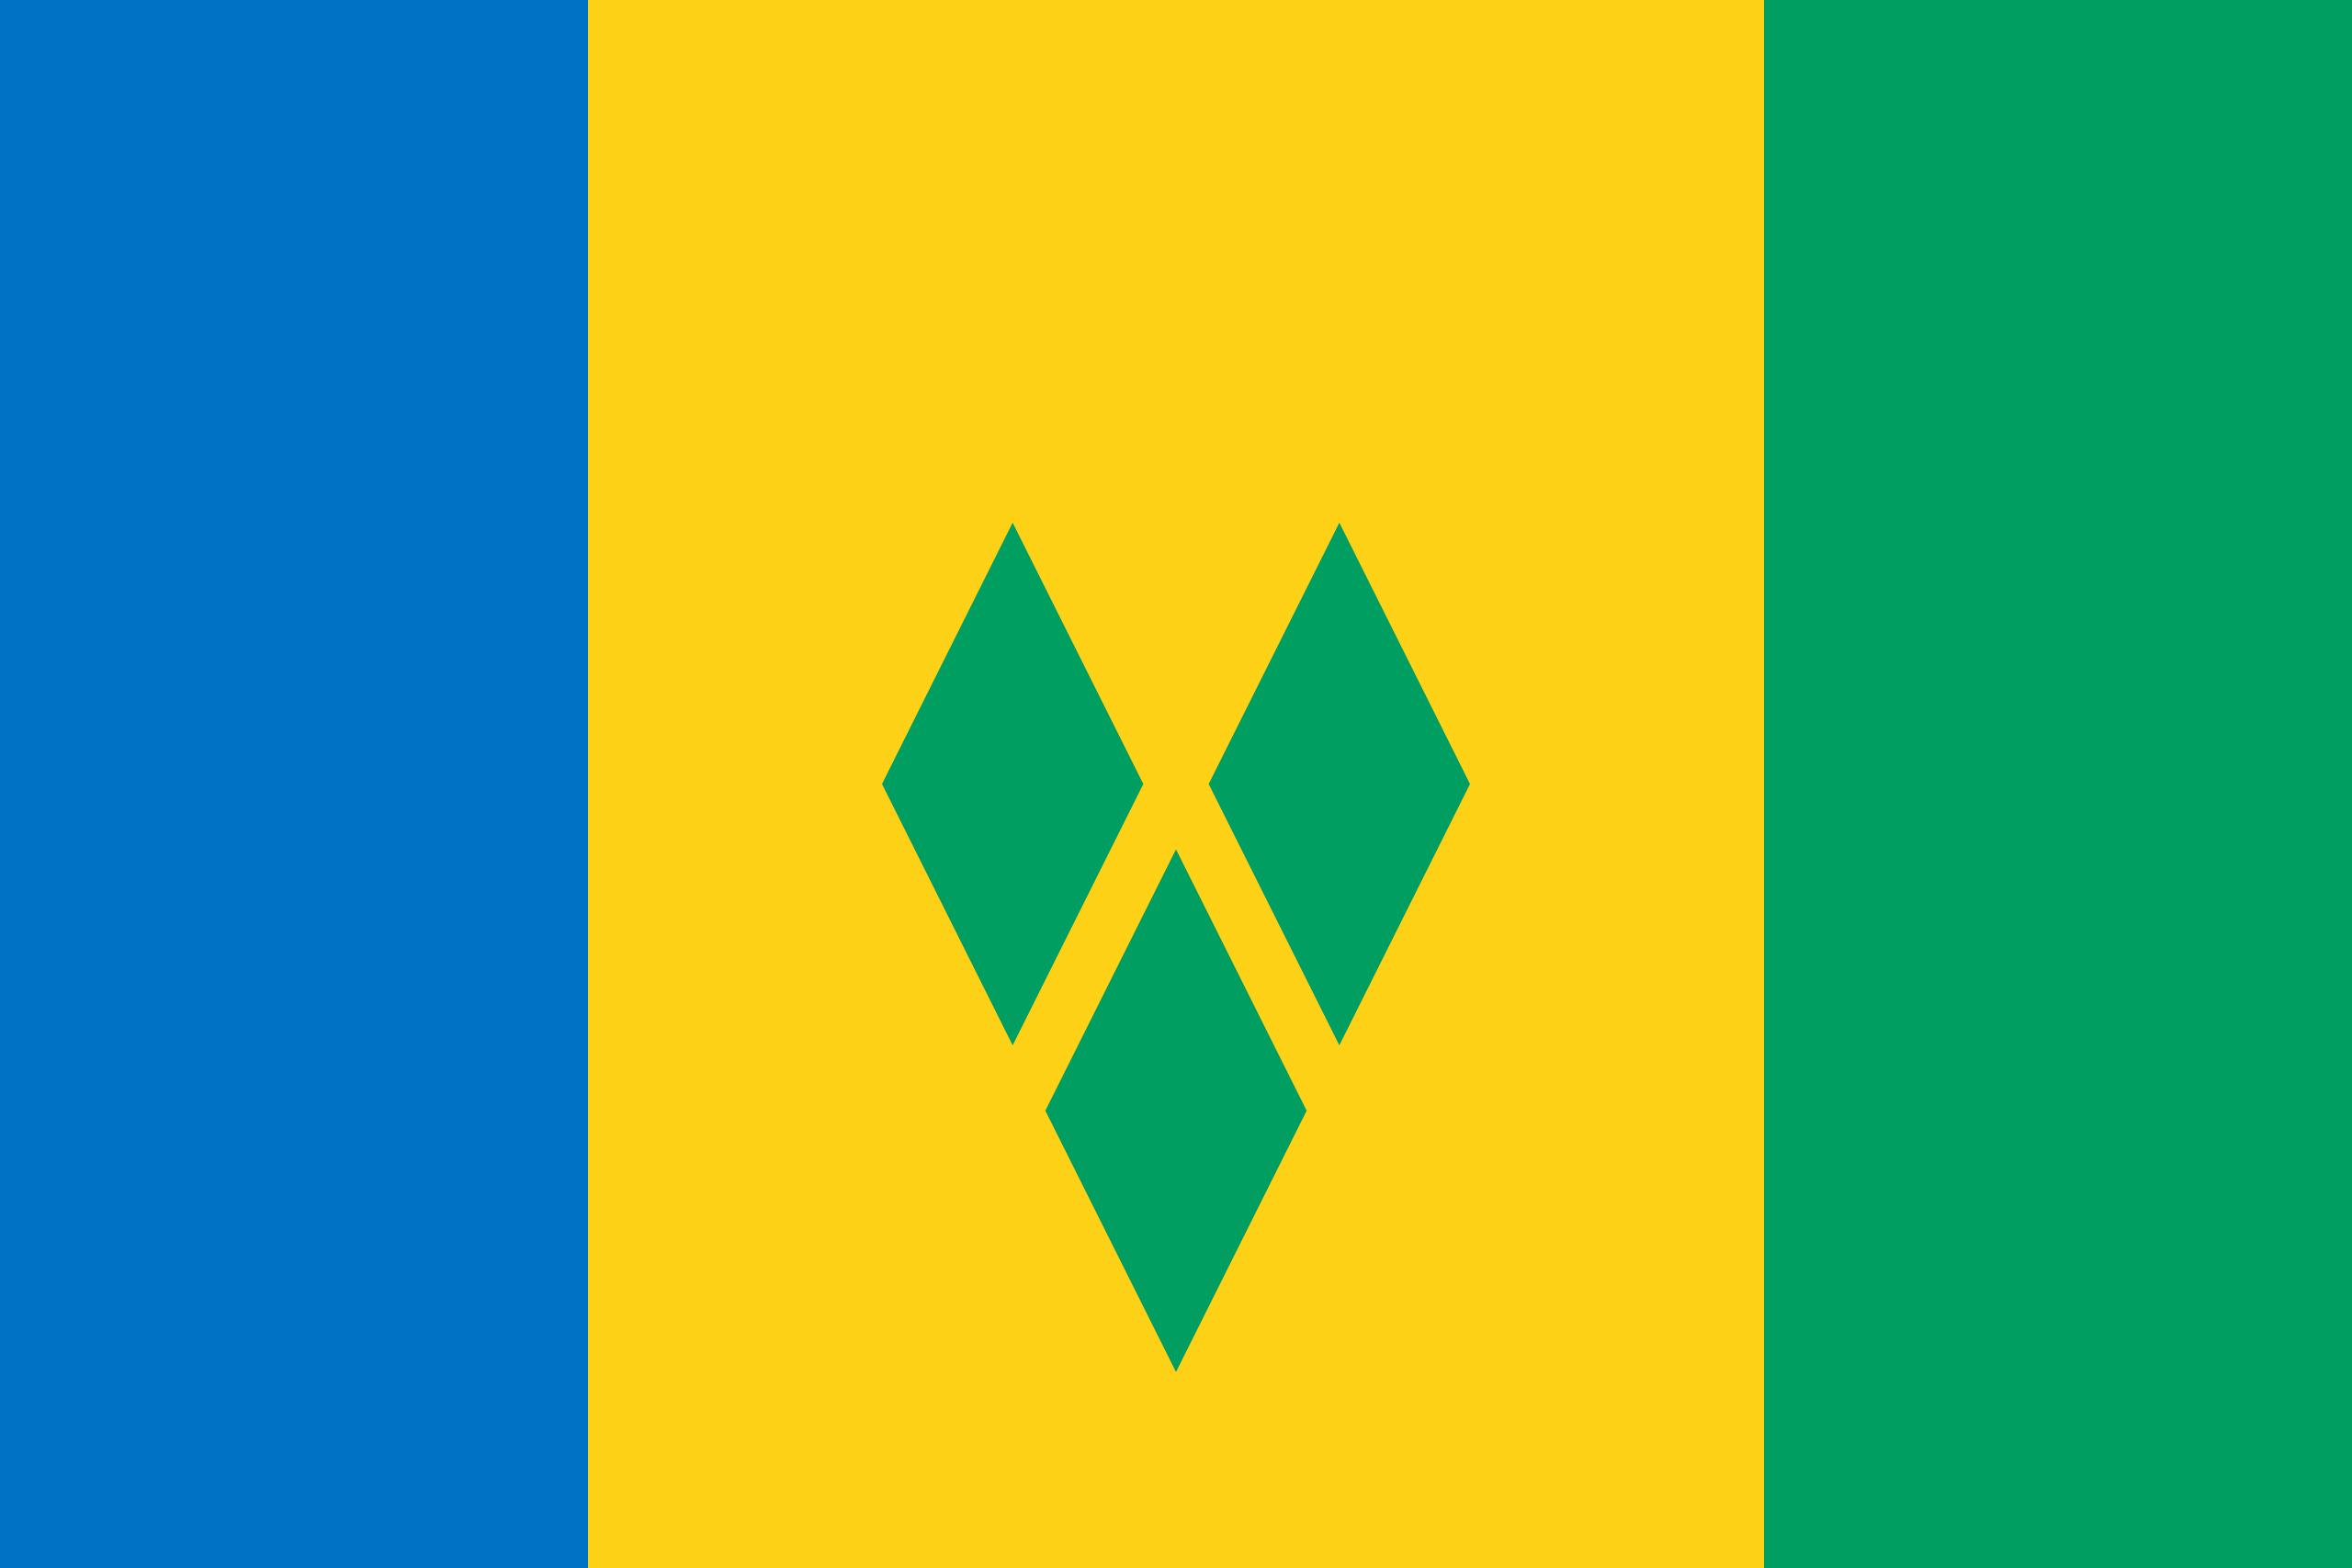 Άγιος Βικέντιος και Γρεναδίνες, χώρα, έμβλημα, λογότυπο, σύμβολο - Wallpapers HD - Professor-falken.com